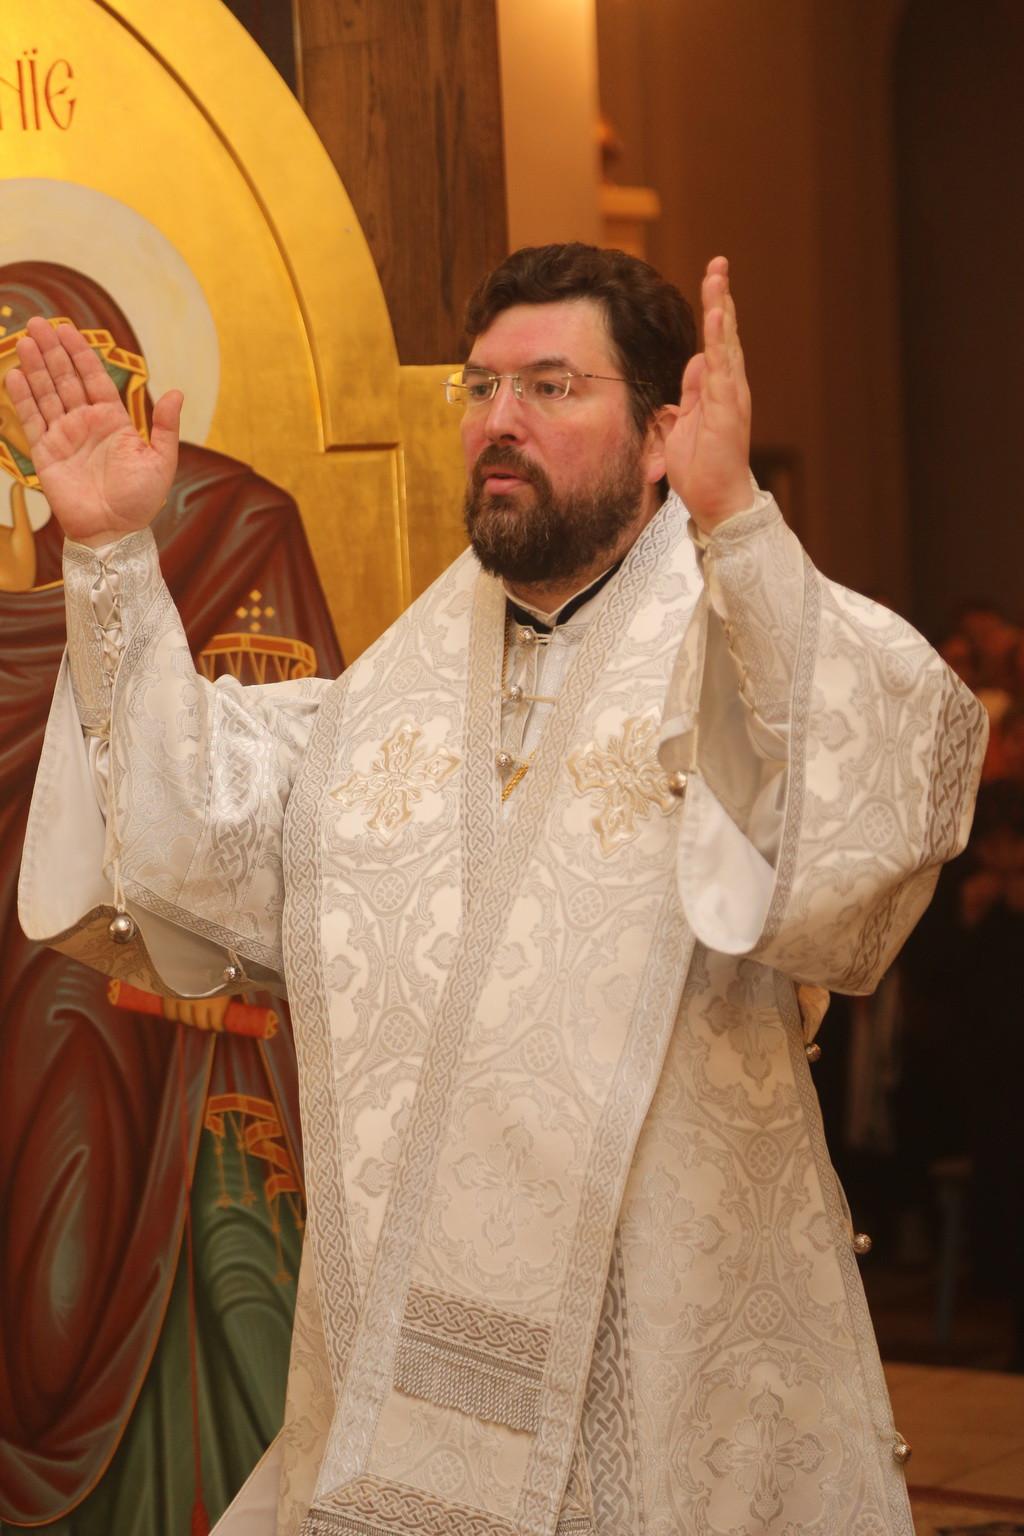 Епископ Бобруйский и Быховский Серафим возглавил торжественное Пасхальное богослужение в Никольском кафедральном соборе